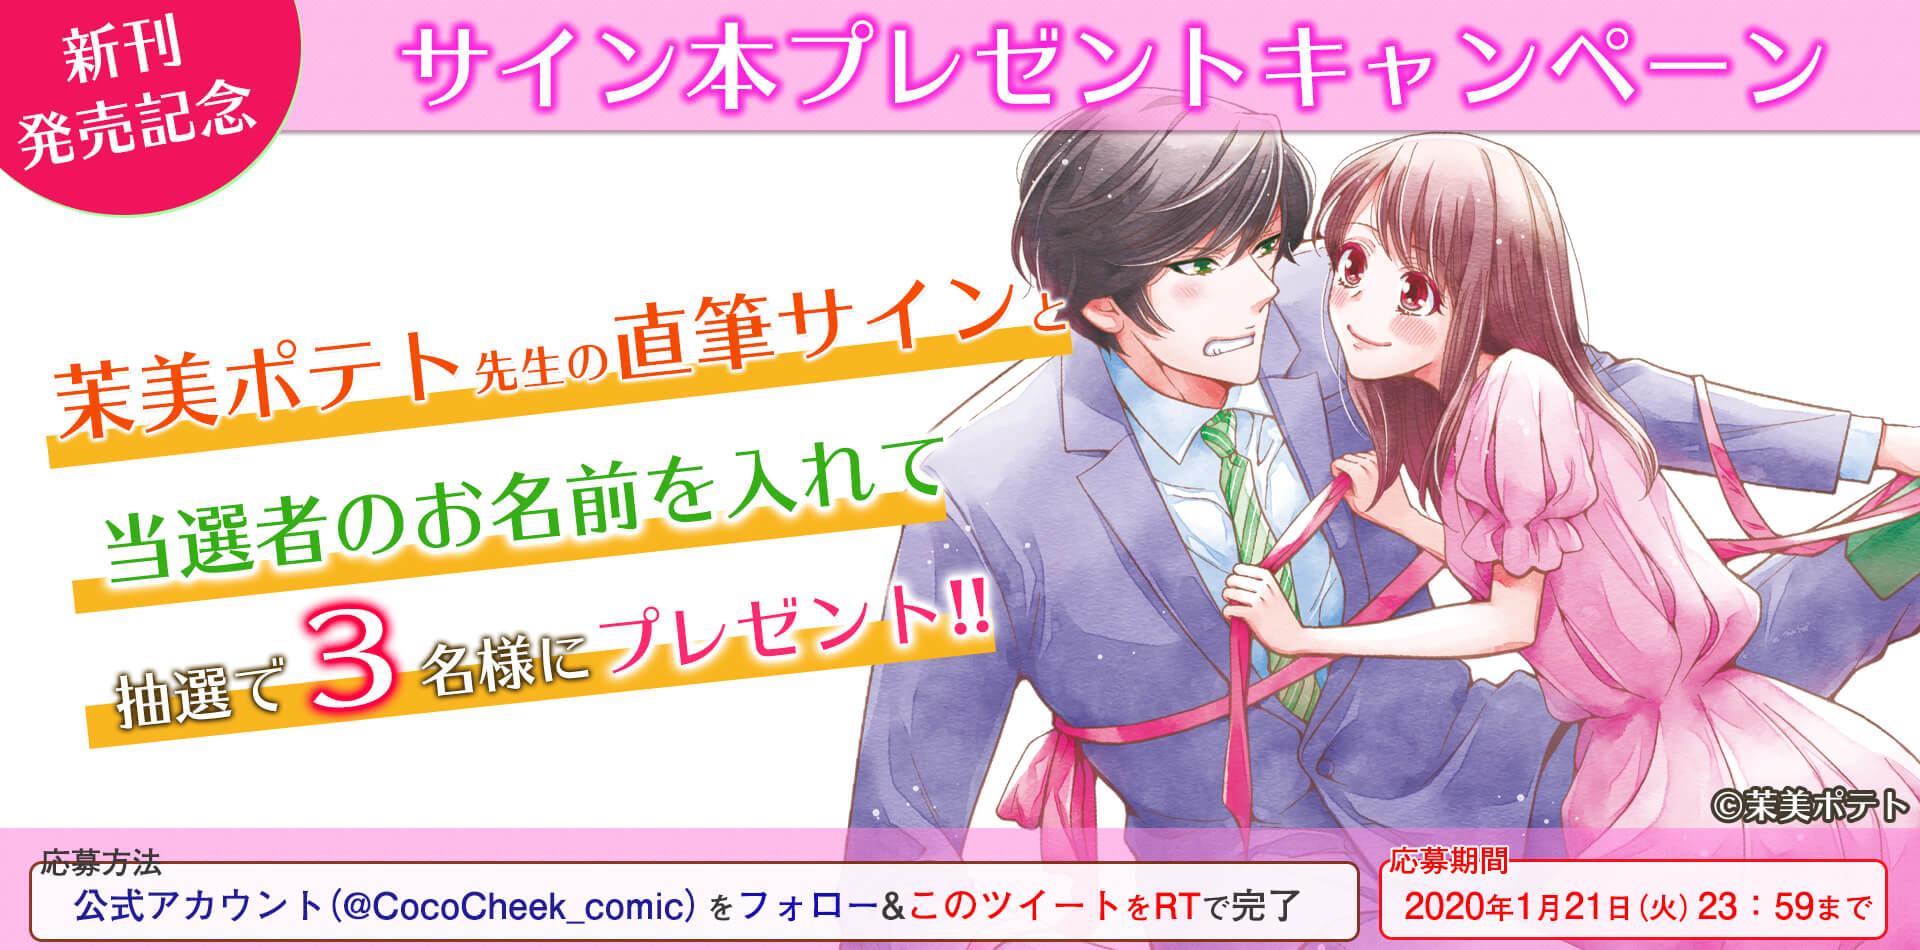 【新刊発売記念プレゼント企画】茉美ポテト先生 サイン入り単行本